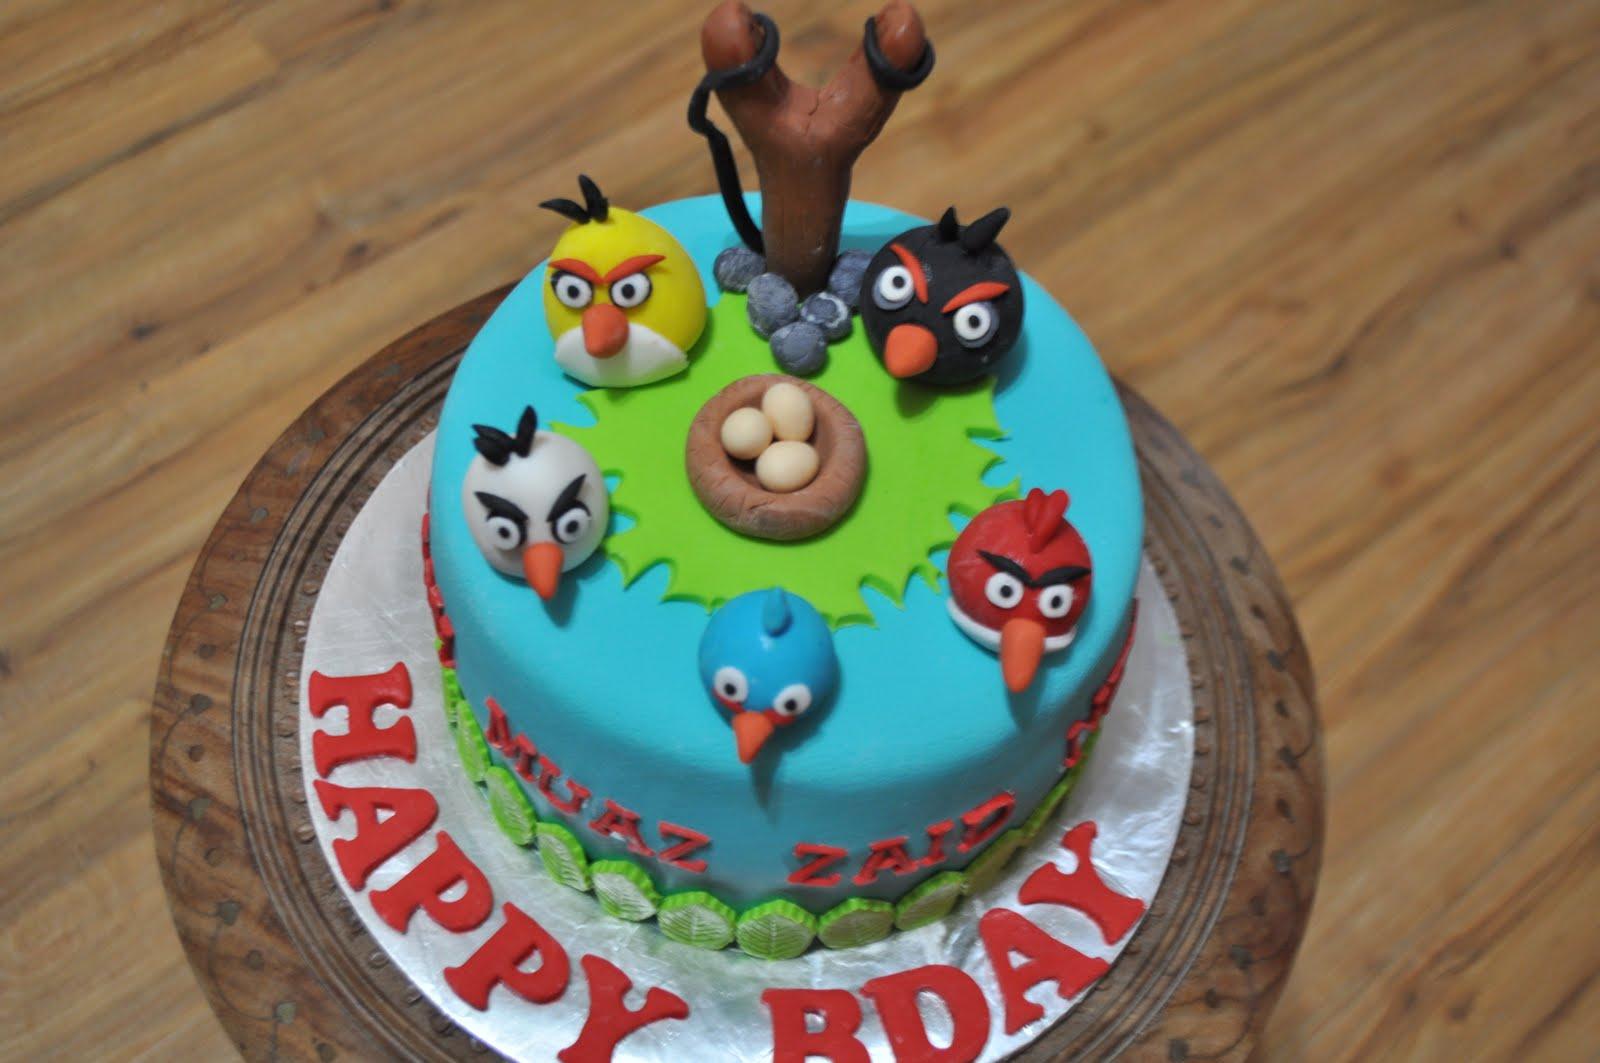 dari oven yang comel: Angry bird cake